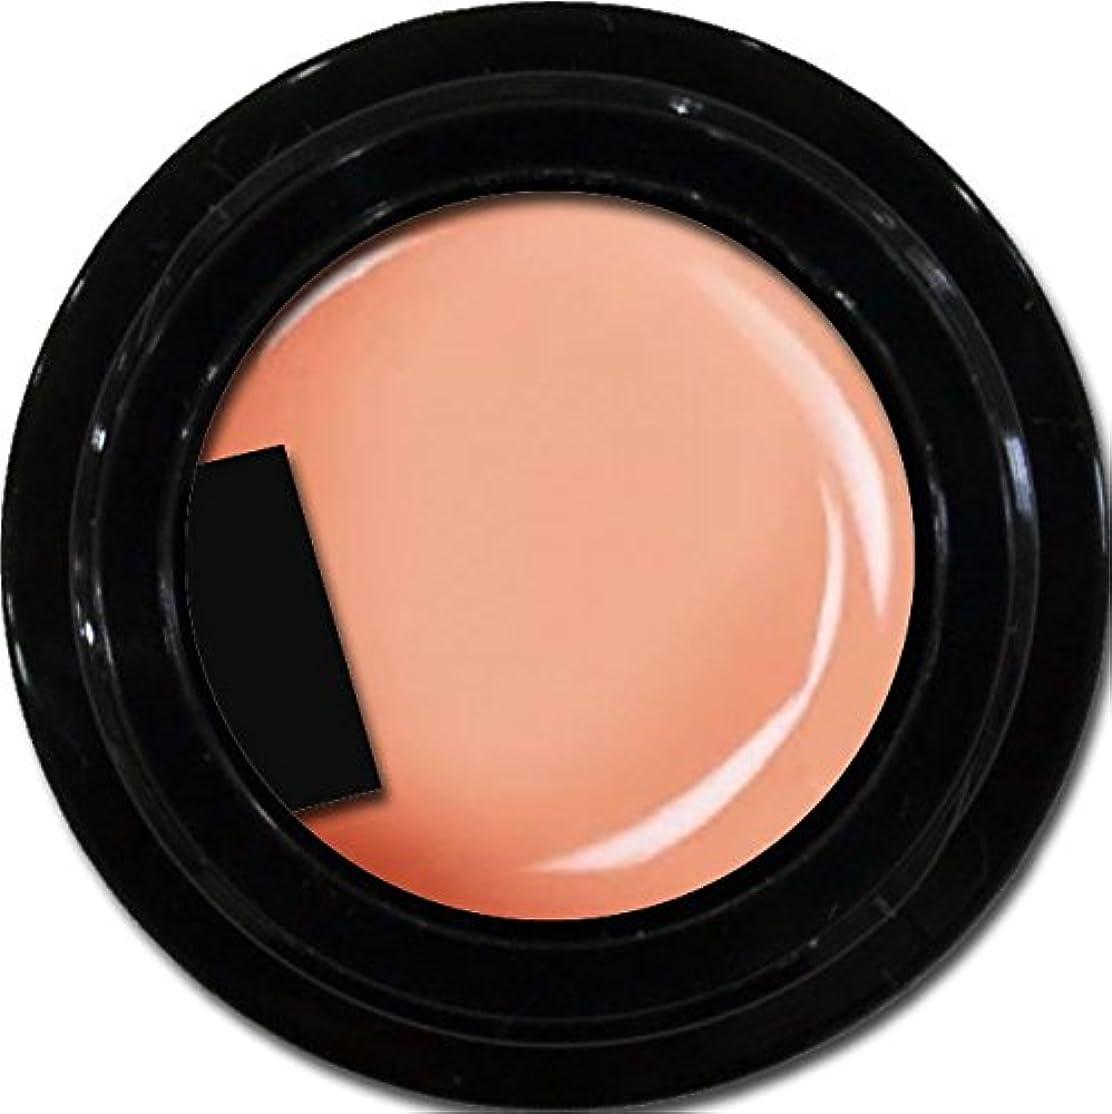 意気消沈したロマンスマーカーカラージェル enchant color gel M302 NavelOrange 3g/ マットカラージェル M302 ネーブルオレンジ 3グラム